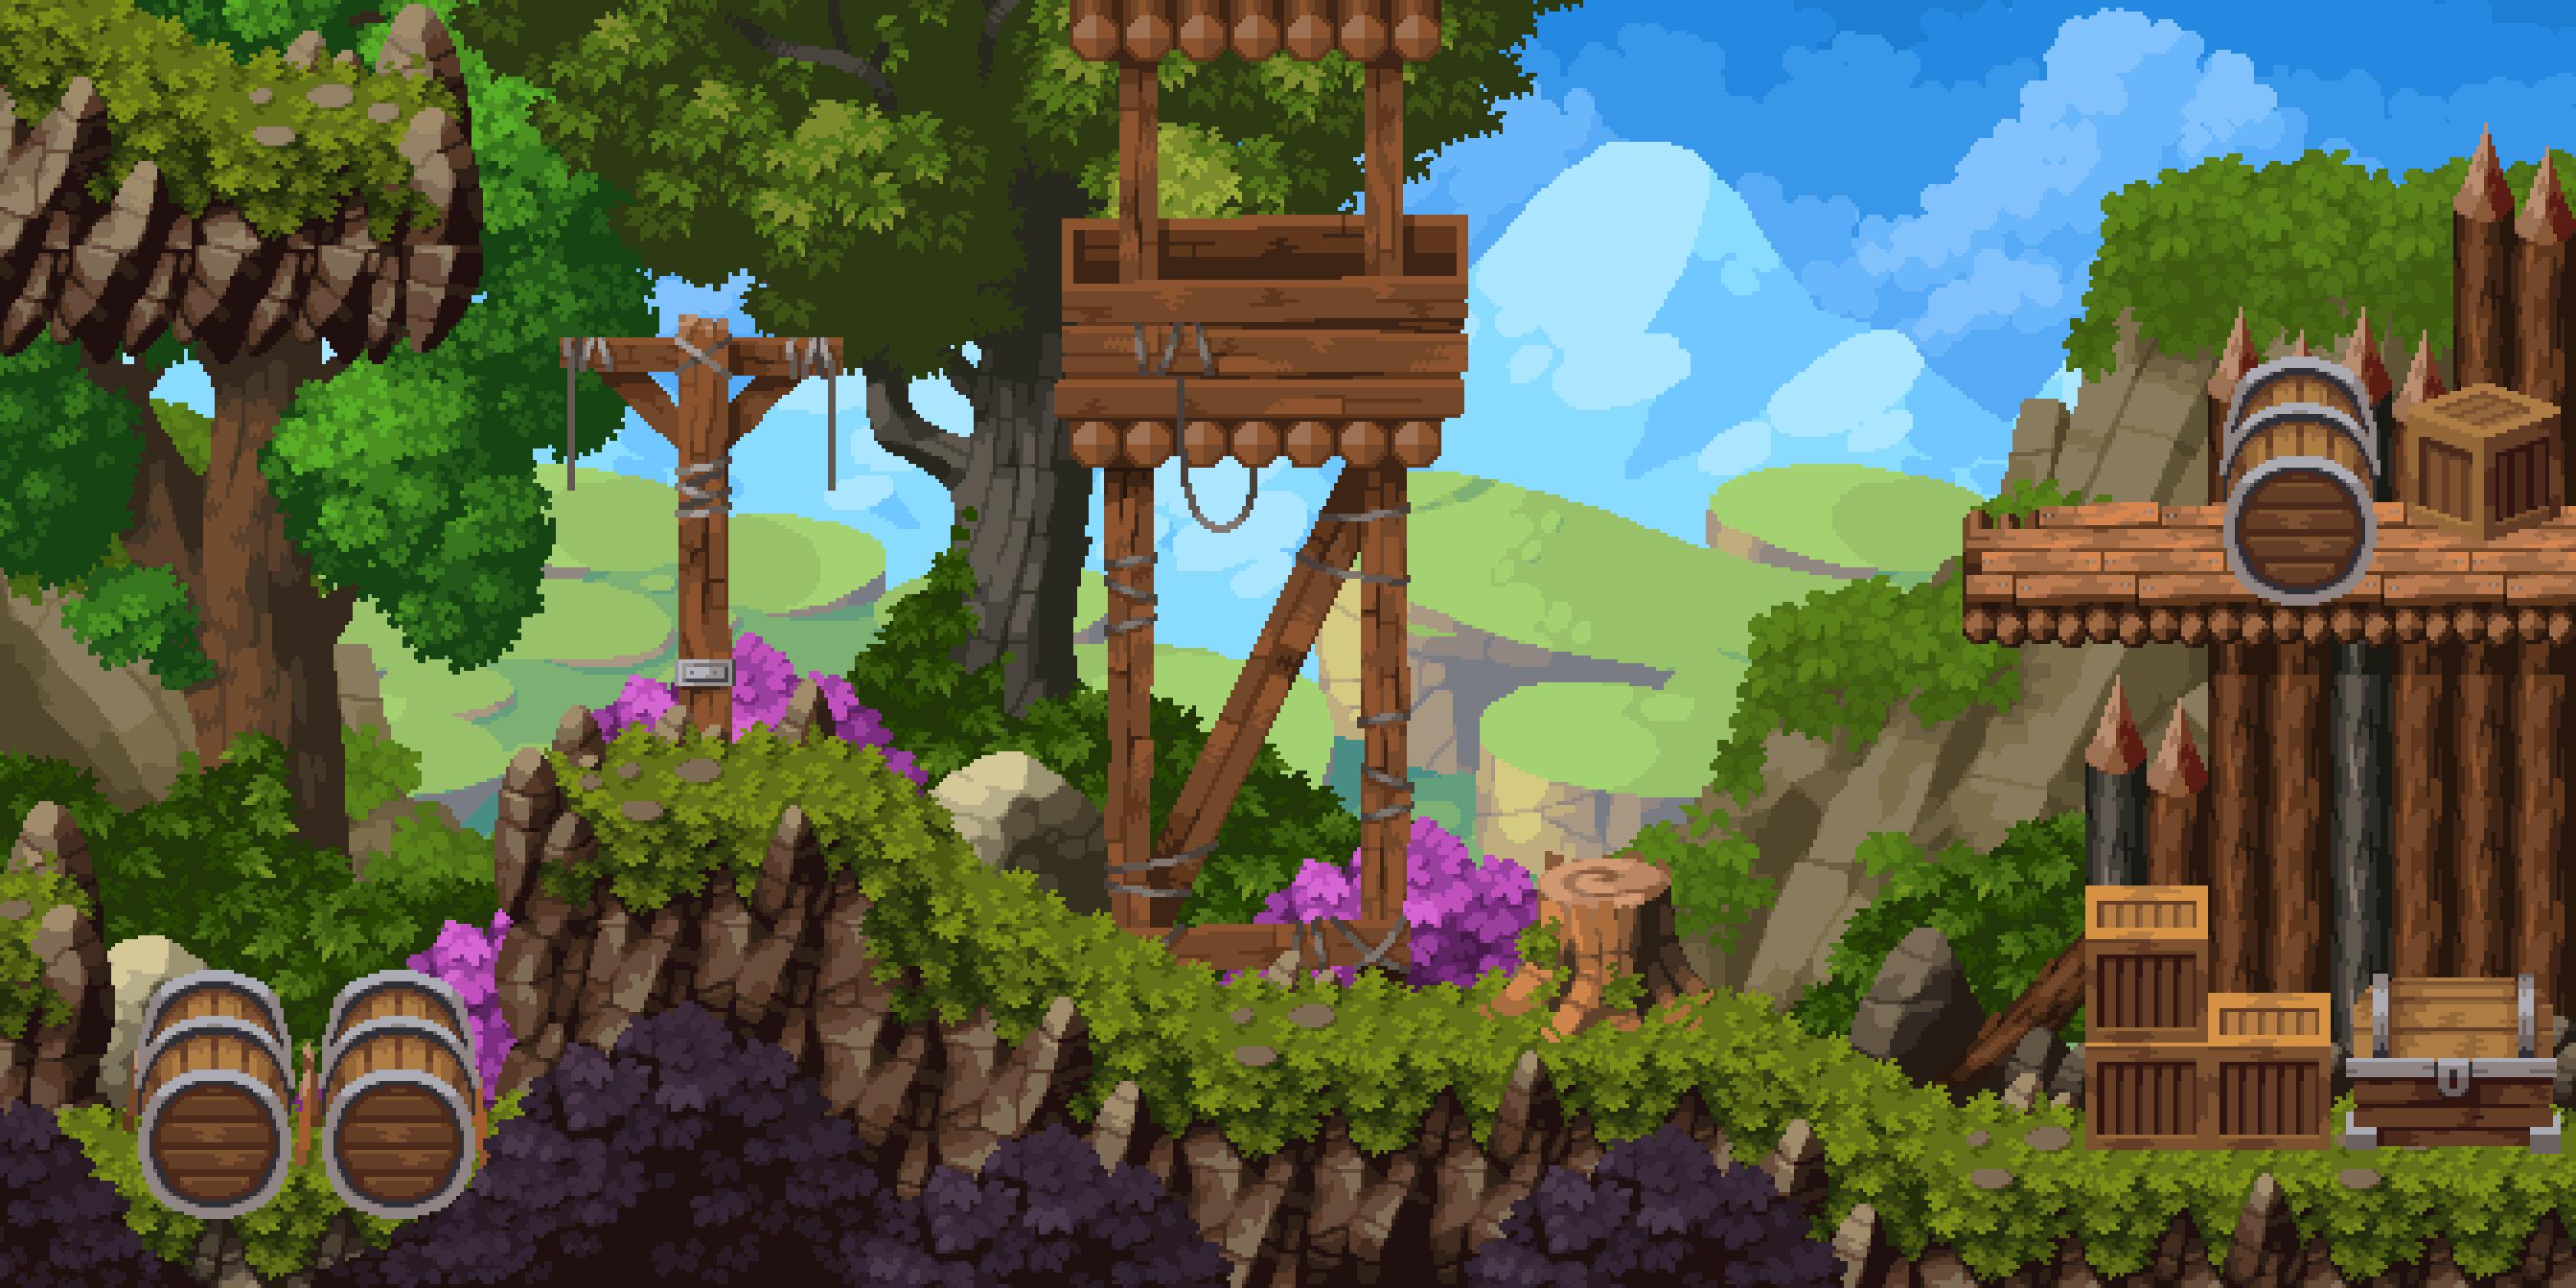 Hero's Journey - Wood Camp